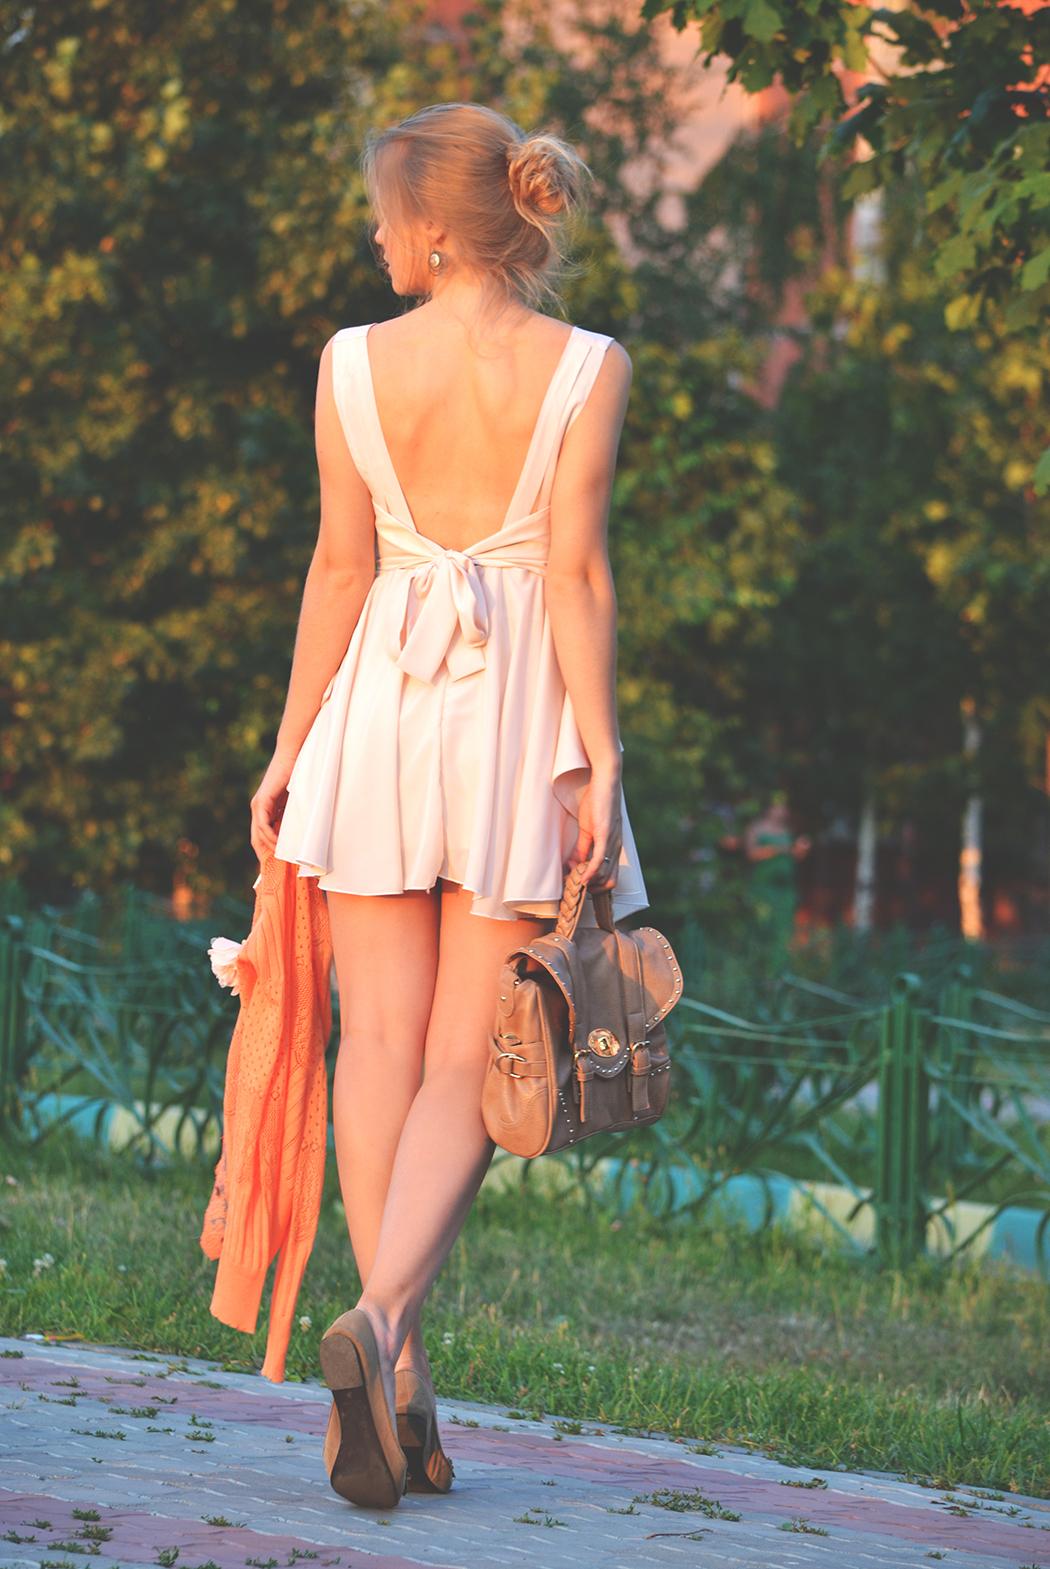 inspiration, streetstyle, spring outfit, moscow fashion week, annamidday, top fashion blogger, top russian fashion blogger, фэшн блогер, русский блогер, известный блогер, топовый блогер, russian bloger, top russian blogger, streetfashion, russian fashion blogger, blogger, fashion, style, fashionista, модный блогер, российский блогер, ТОП блогер, ootd, lookoftheday, look, популярный блогер, российский модный блогер, russian girl, как одеться летом, с чем носить мини-платье, шелковое платье, пастельное платье, балетки, красивая девушка, русская девушка